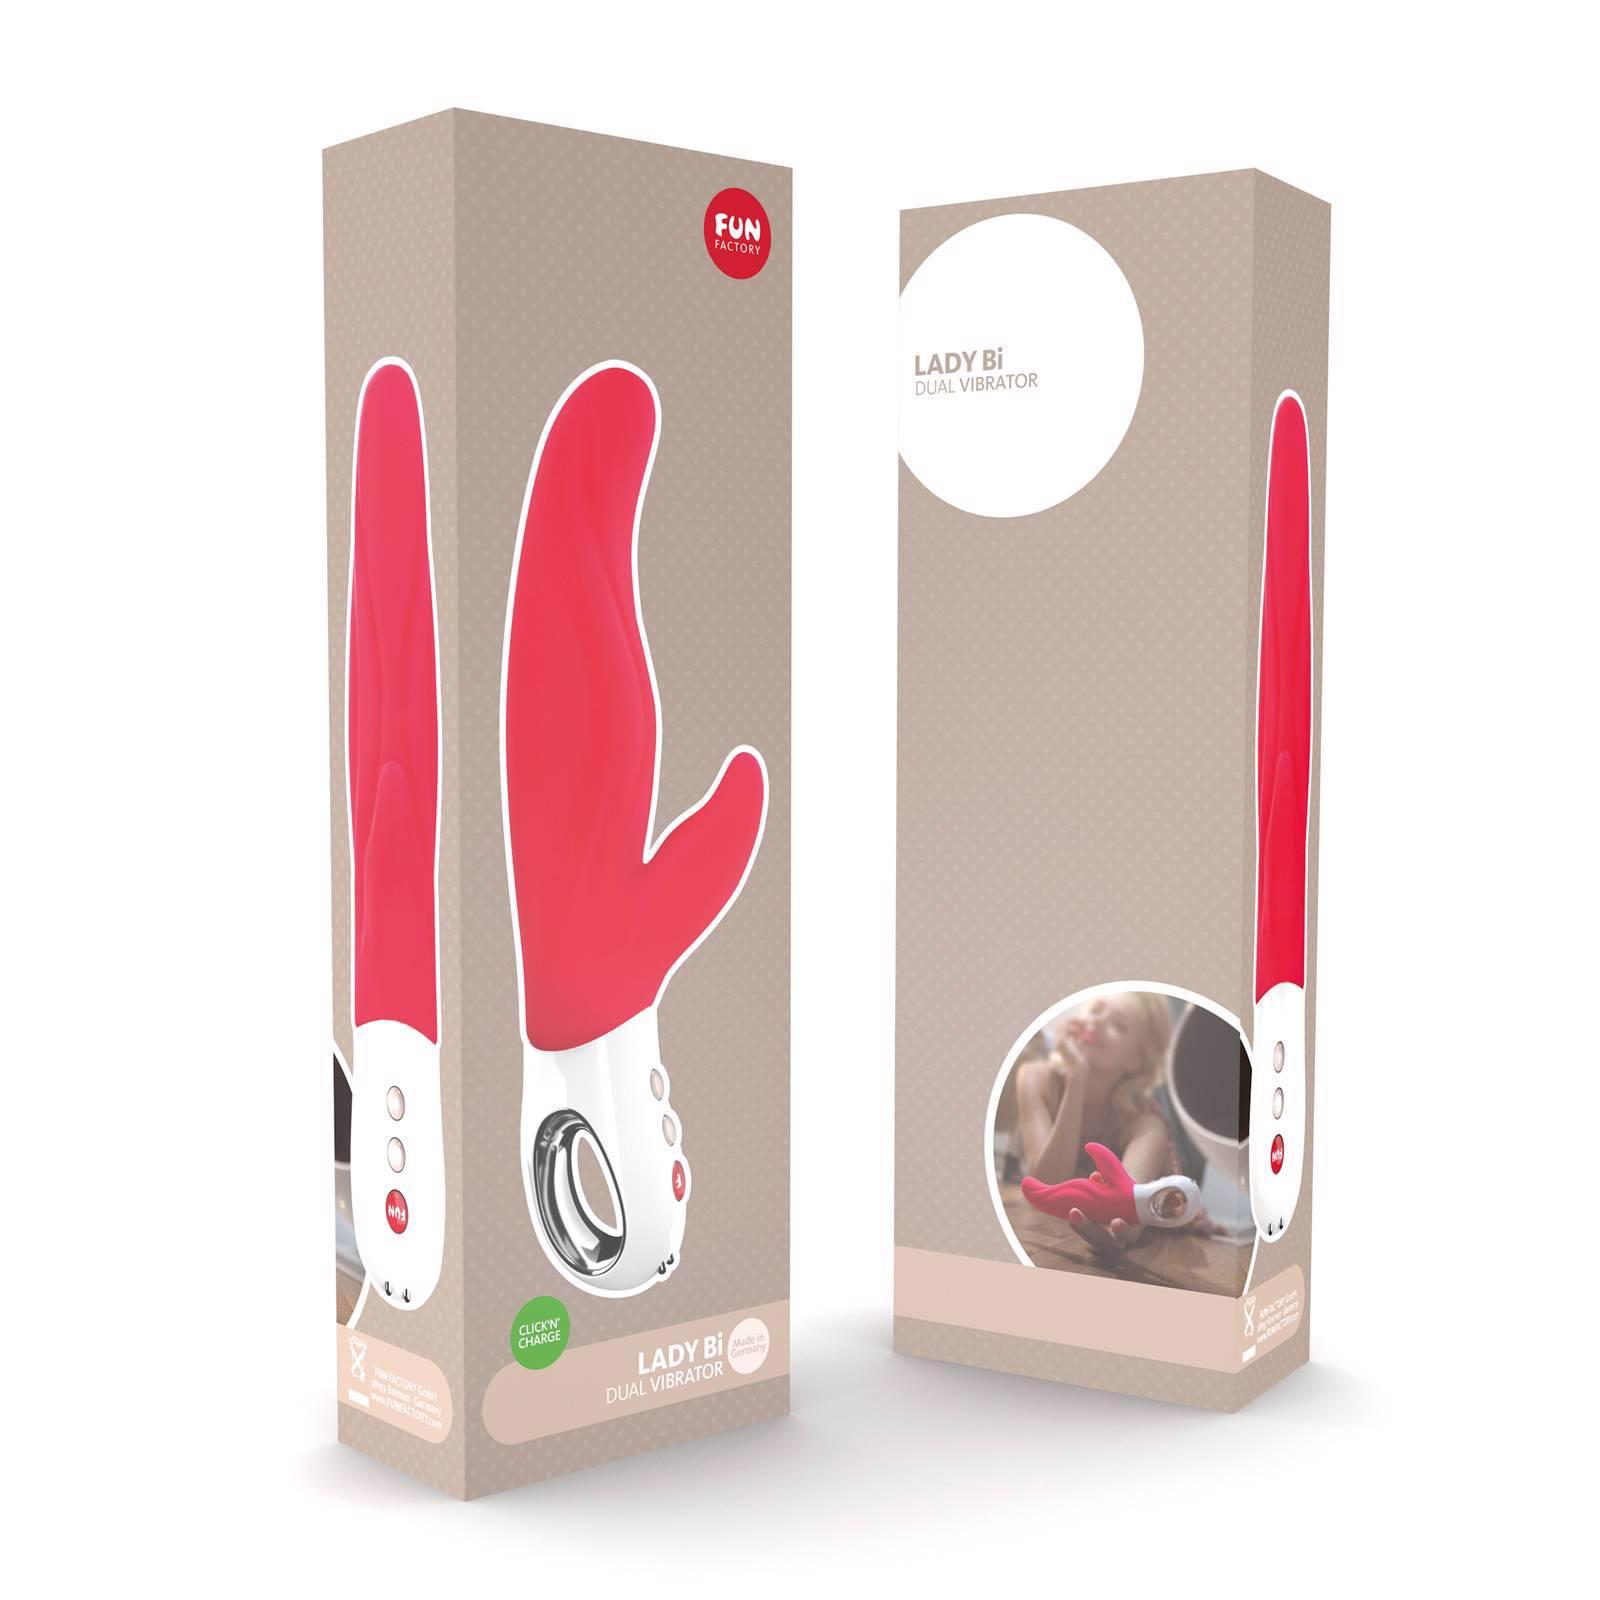 Стилен вибратор с клитор стимулатор, червен – Lady B